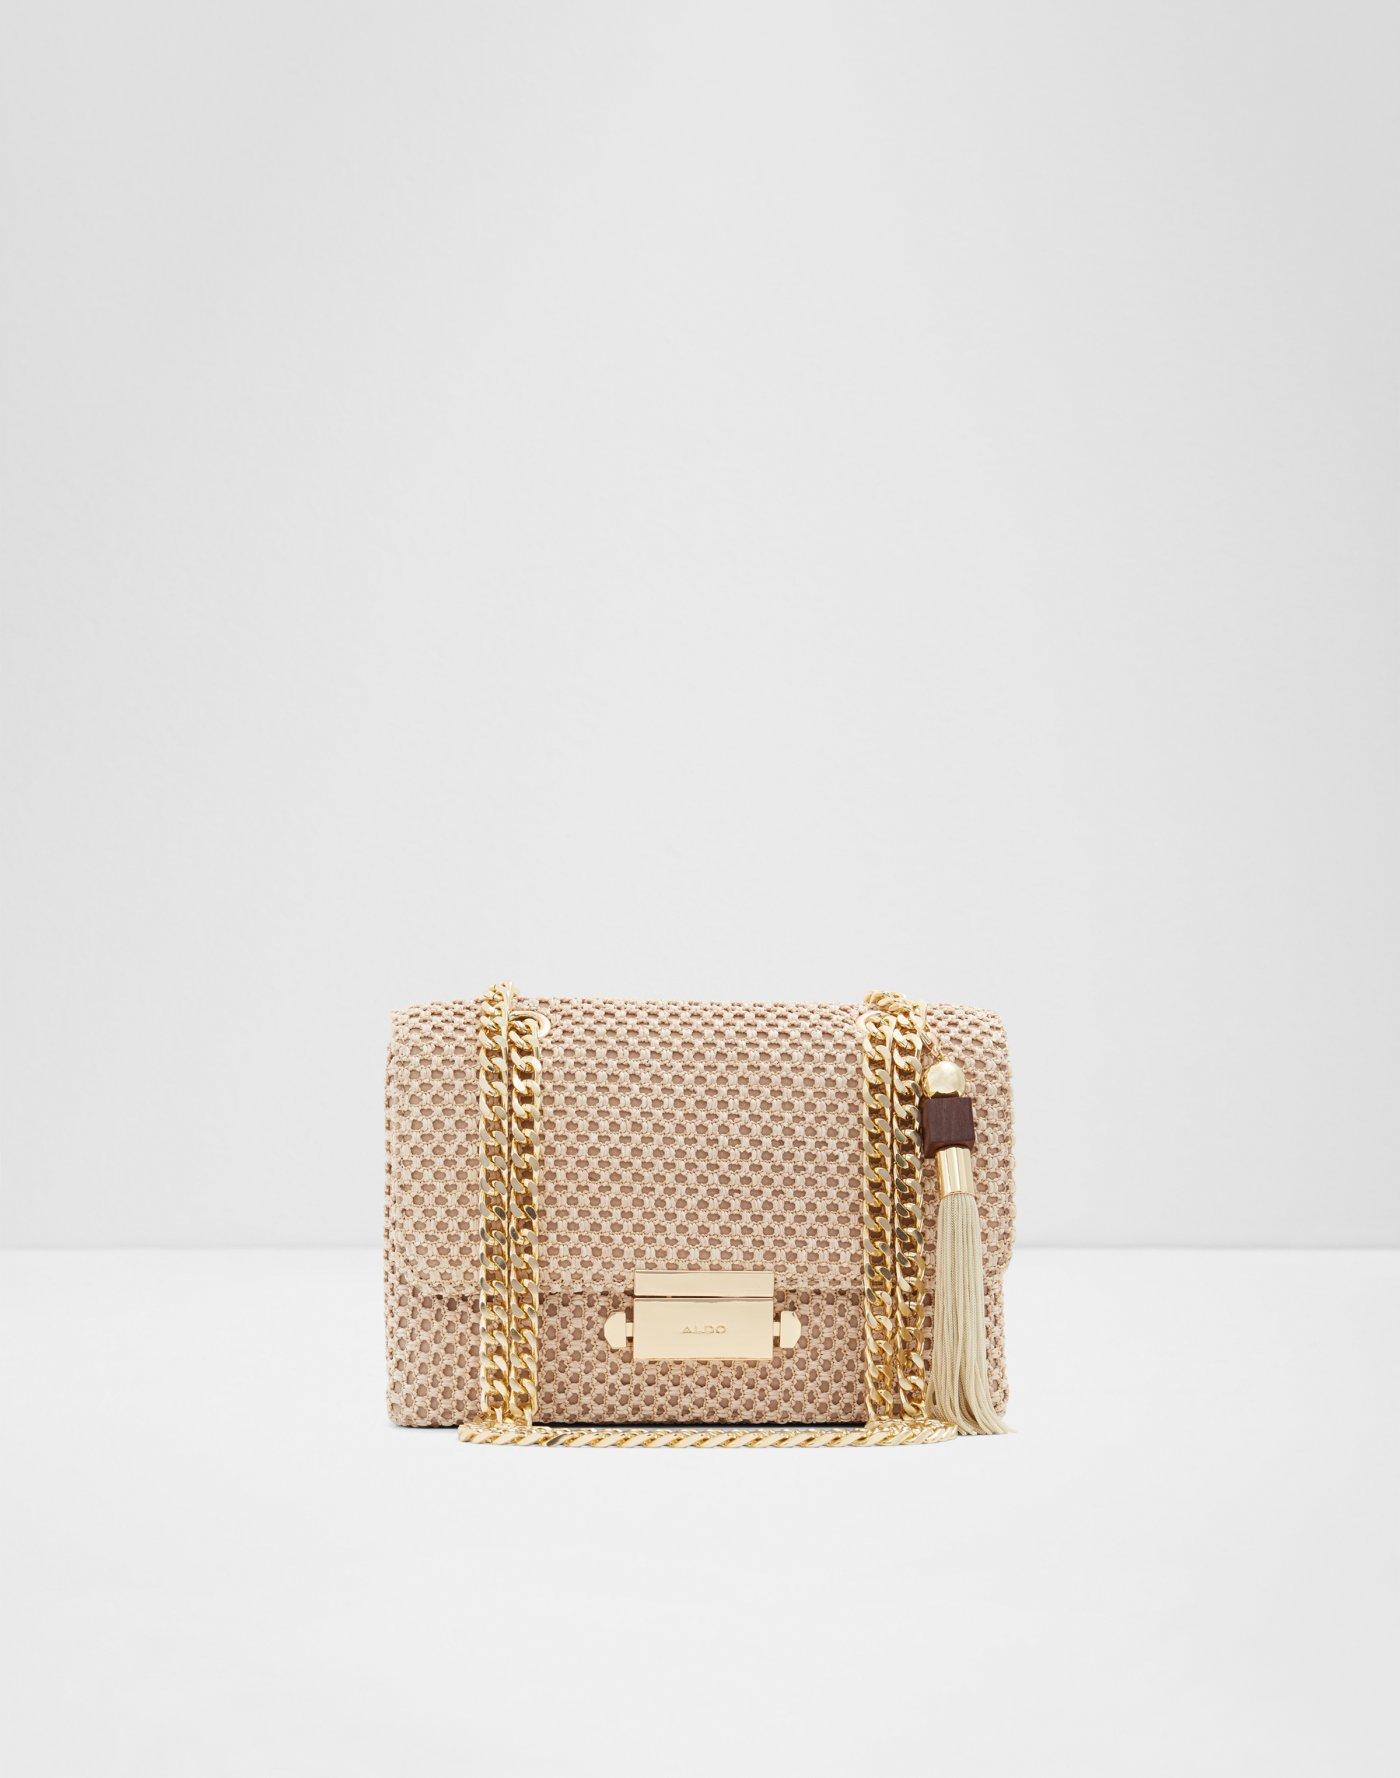 3726f5a56 All Handbags